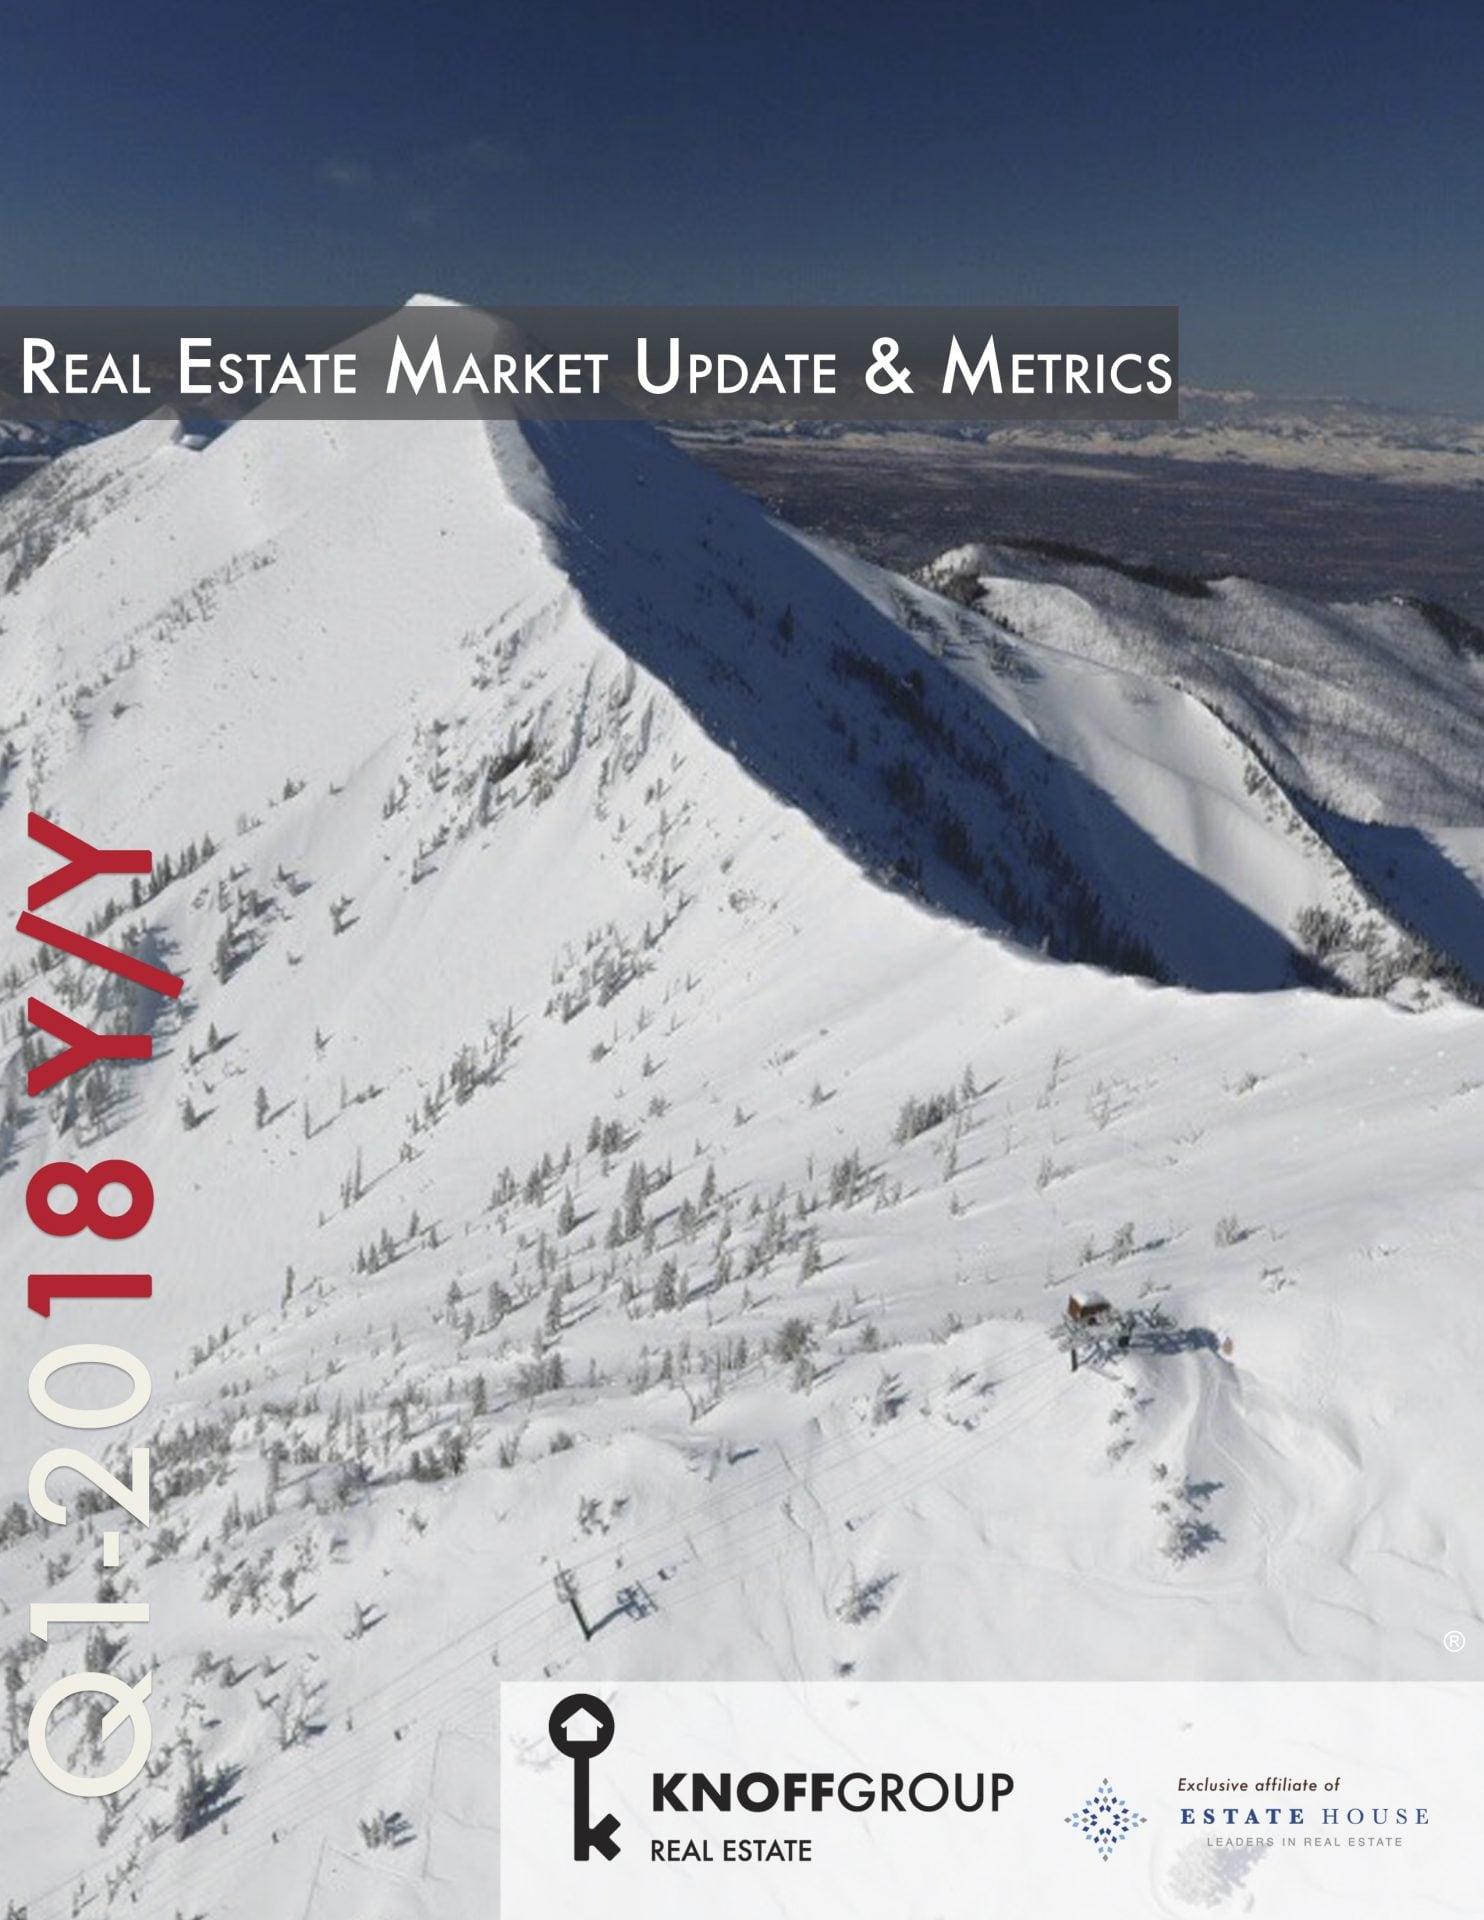 Q1 2018 Y/Y Market Report